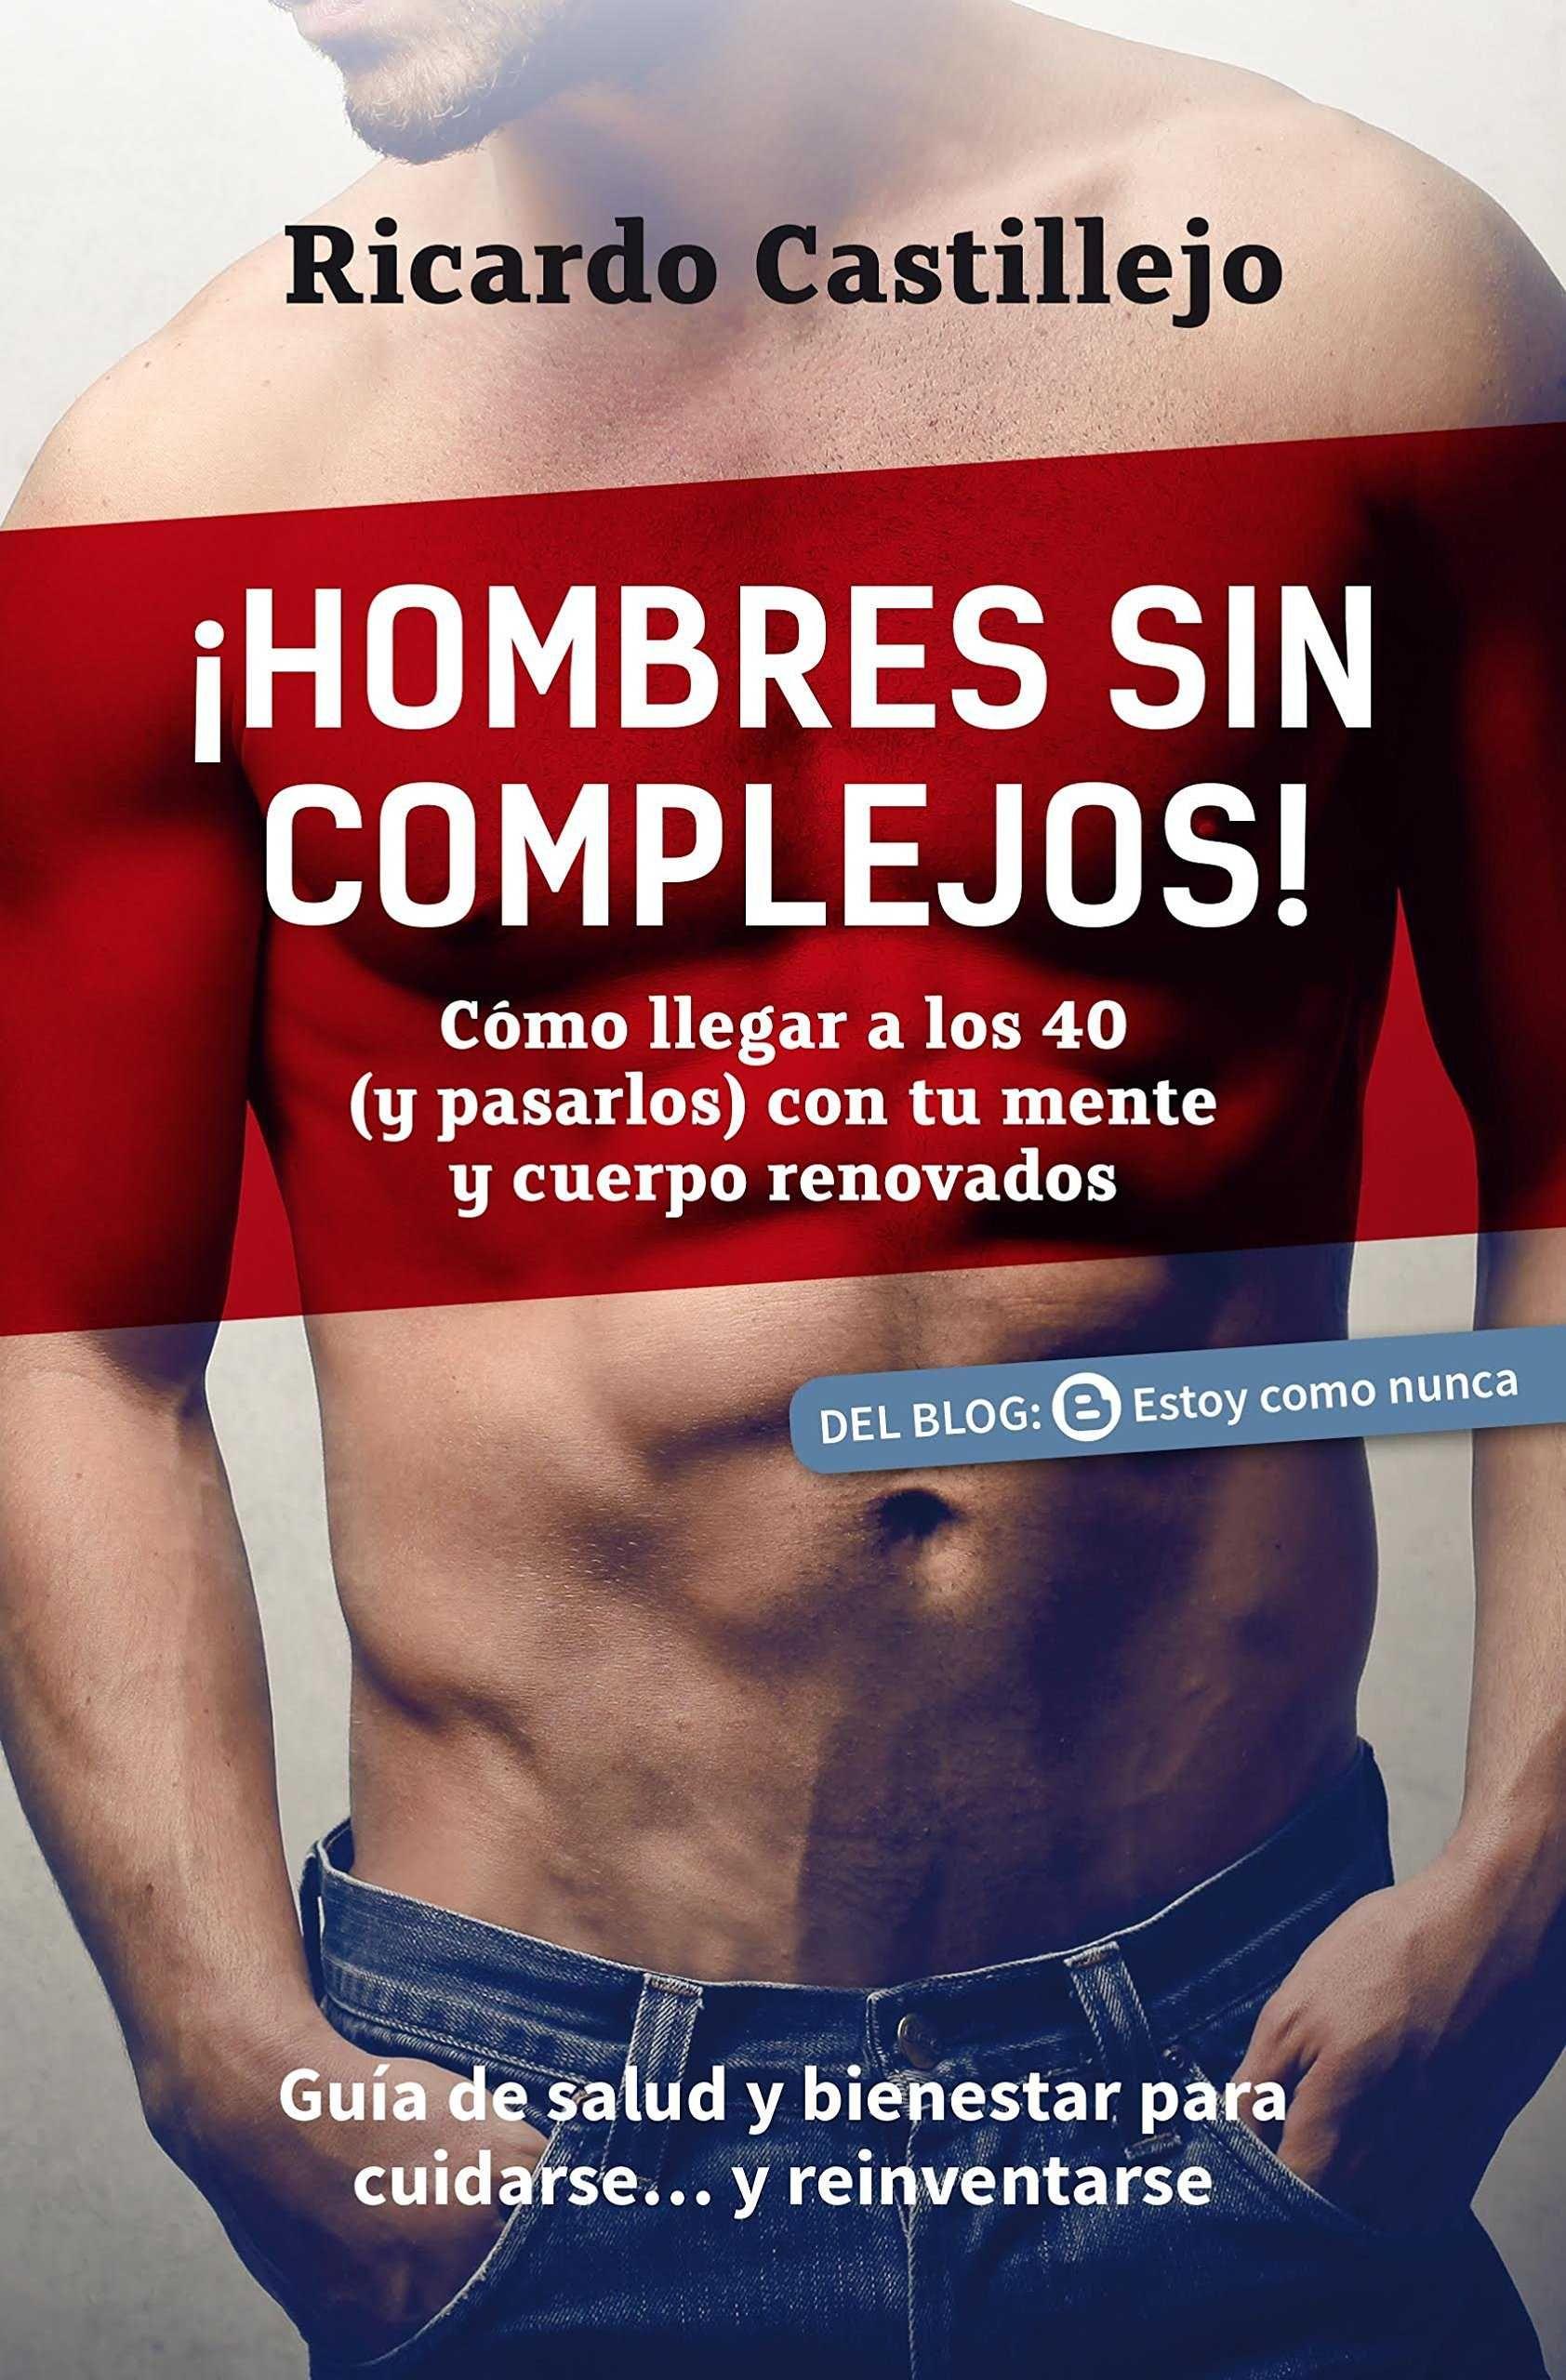 HOMBRES SIN COMPLEJOS!